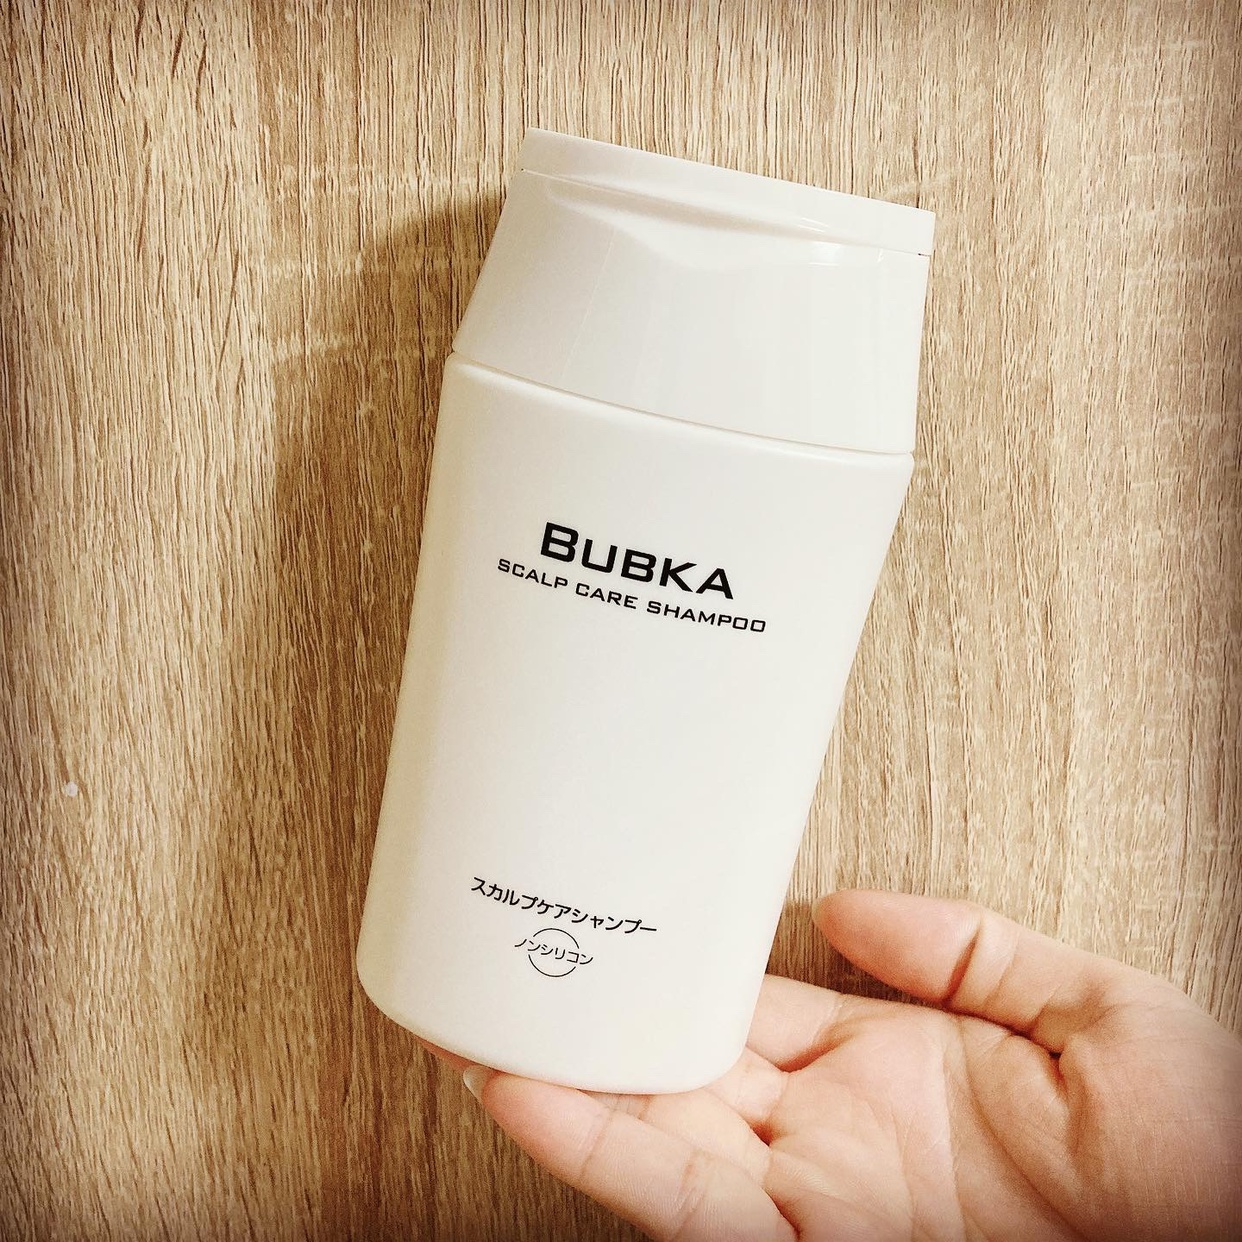 BUBKA(ブブカ) スカルプケアシャンプーを使ったこあらさんのクチコミ画像1